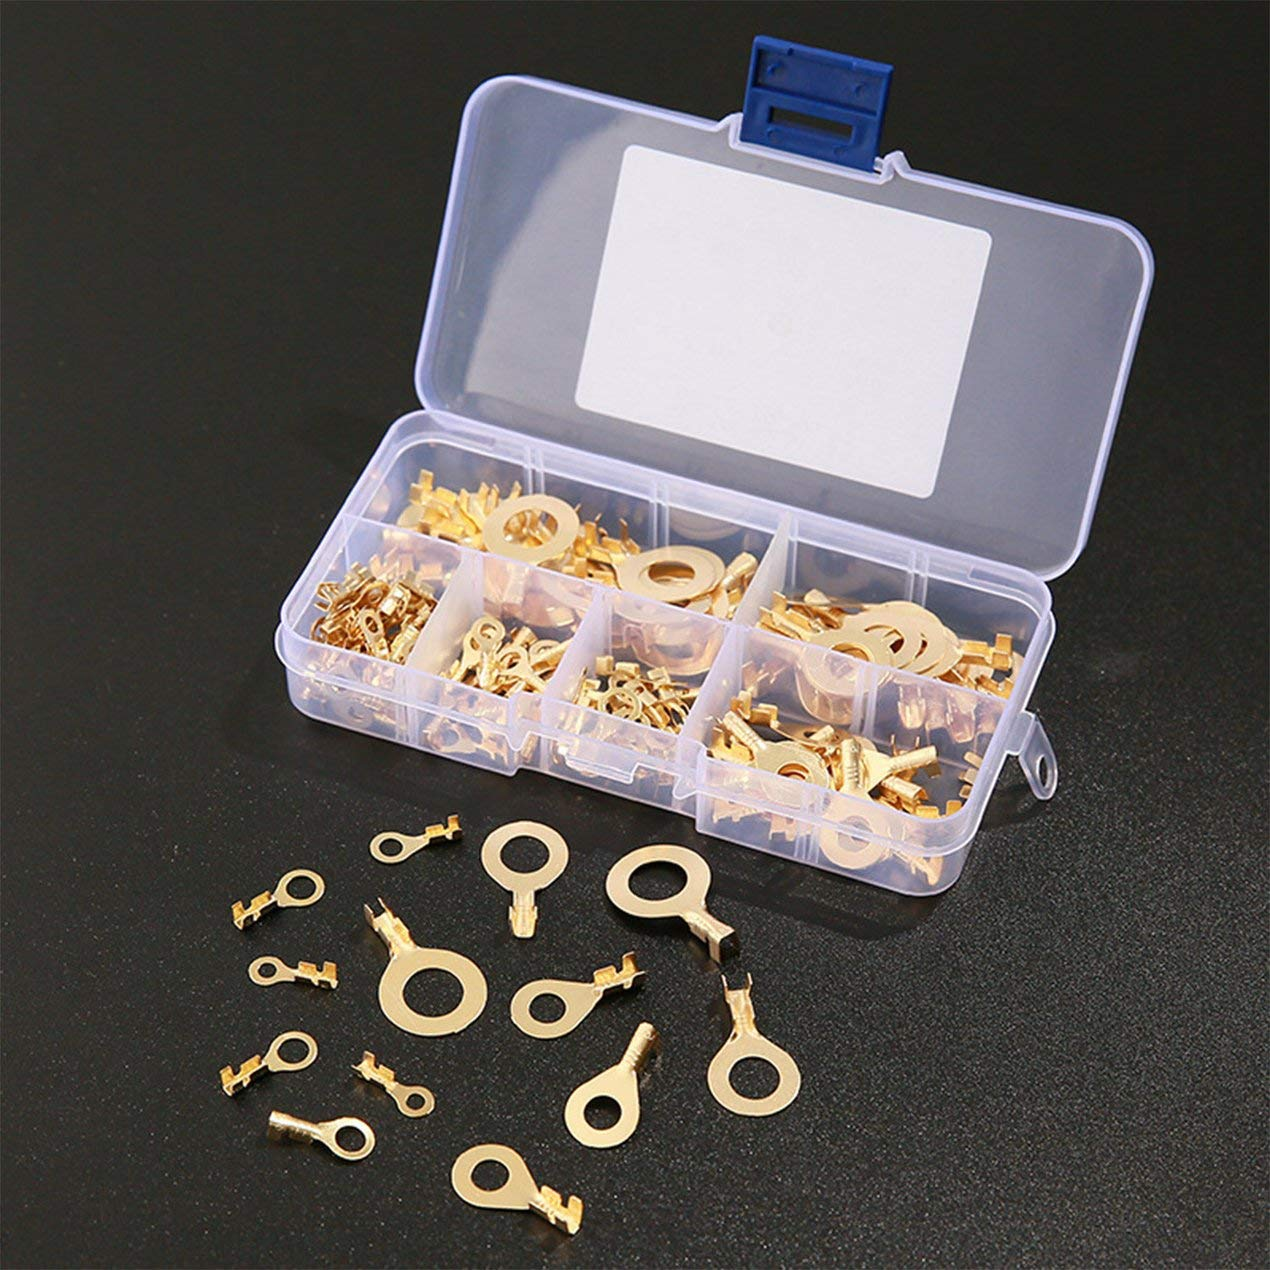 150PCS Cosses rondes Anneau Cosses de c/âble Cosses /à sertir en cuivre Connecteur de c/âble Fil Anneau Bornes Connecteurs Kit M3 M4 M5 M6 M8 M10-Gold BCVBFGCXVB